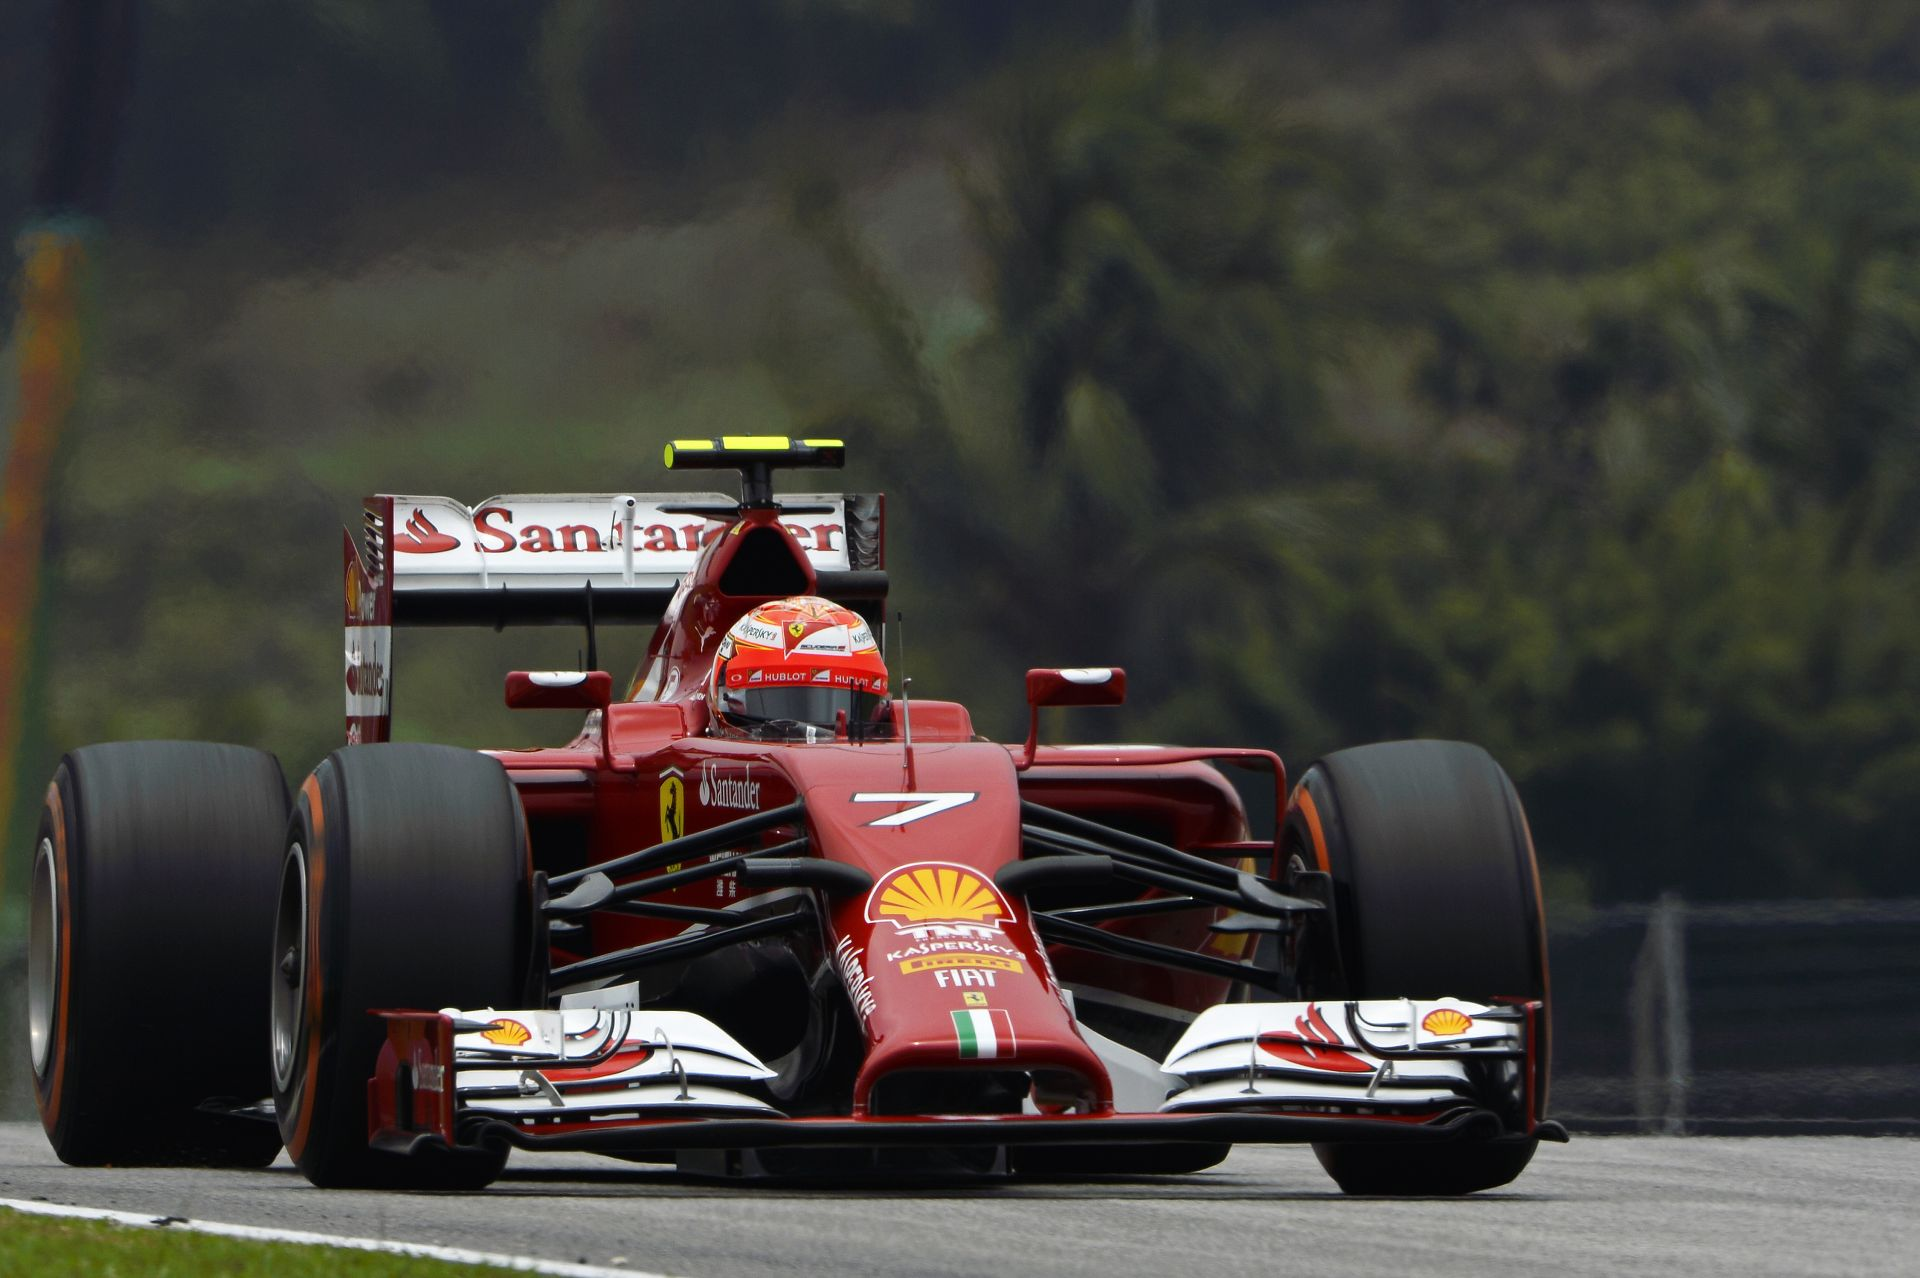 Alonso ismét legyőzte Raikkönent, ezúttal Malajizában az időmérő edzésen